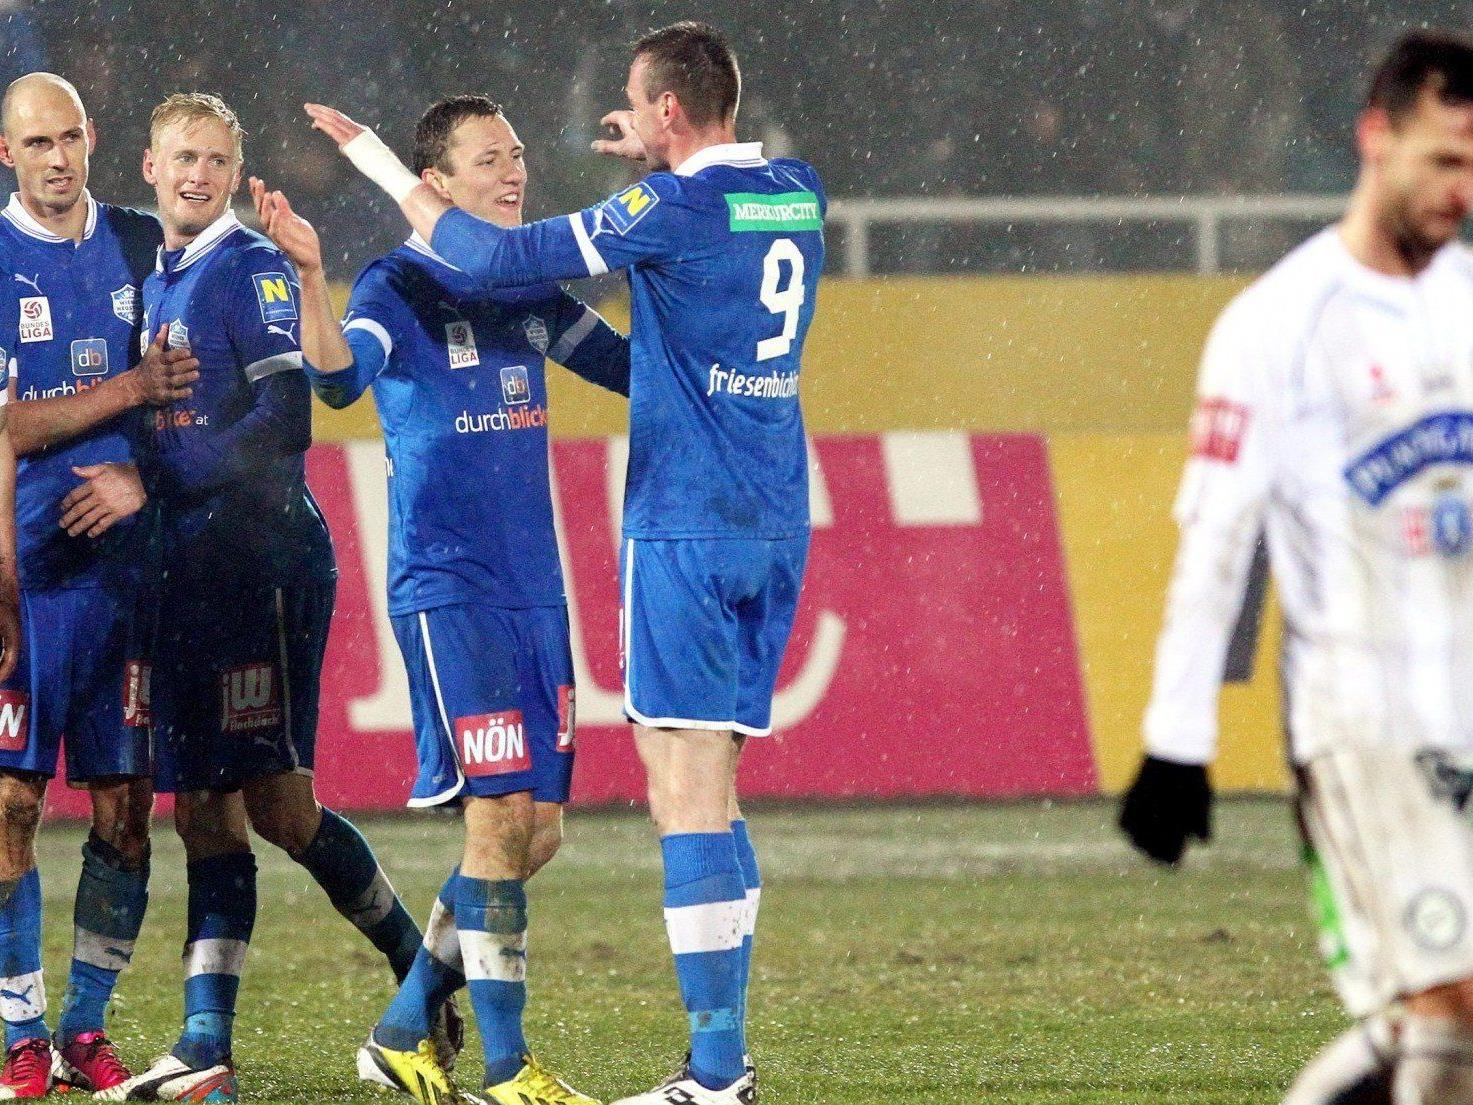 Wir berichten am Sonntag live vom Spiel SK Sturm Graz gegen SC Wiener Neustadt im Ticker.